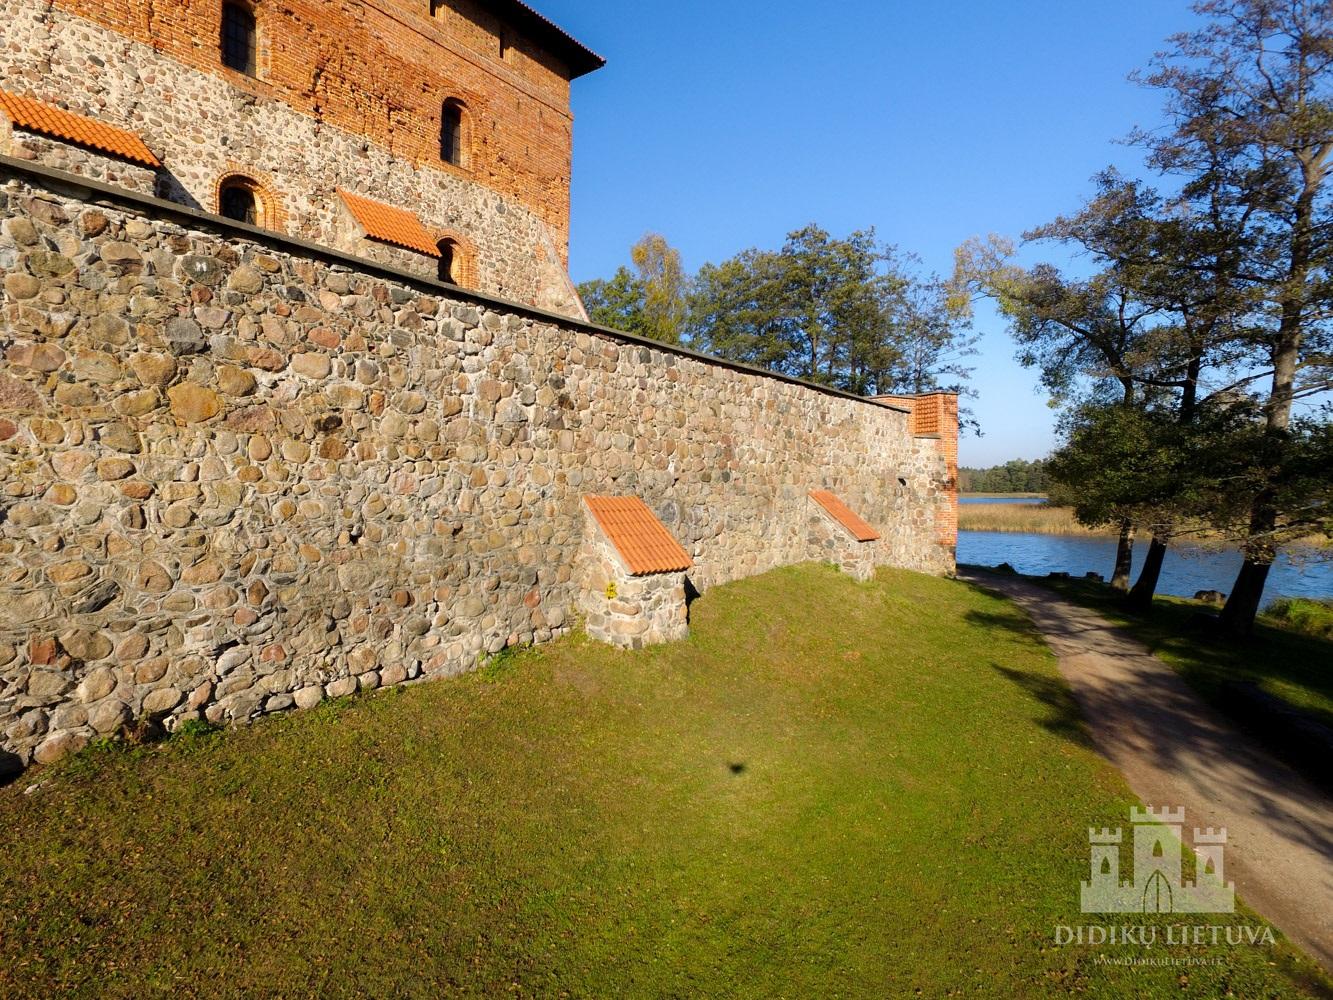 Trakų salos pilies rūmų gynybinė siena